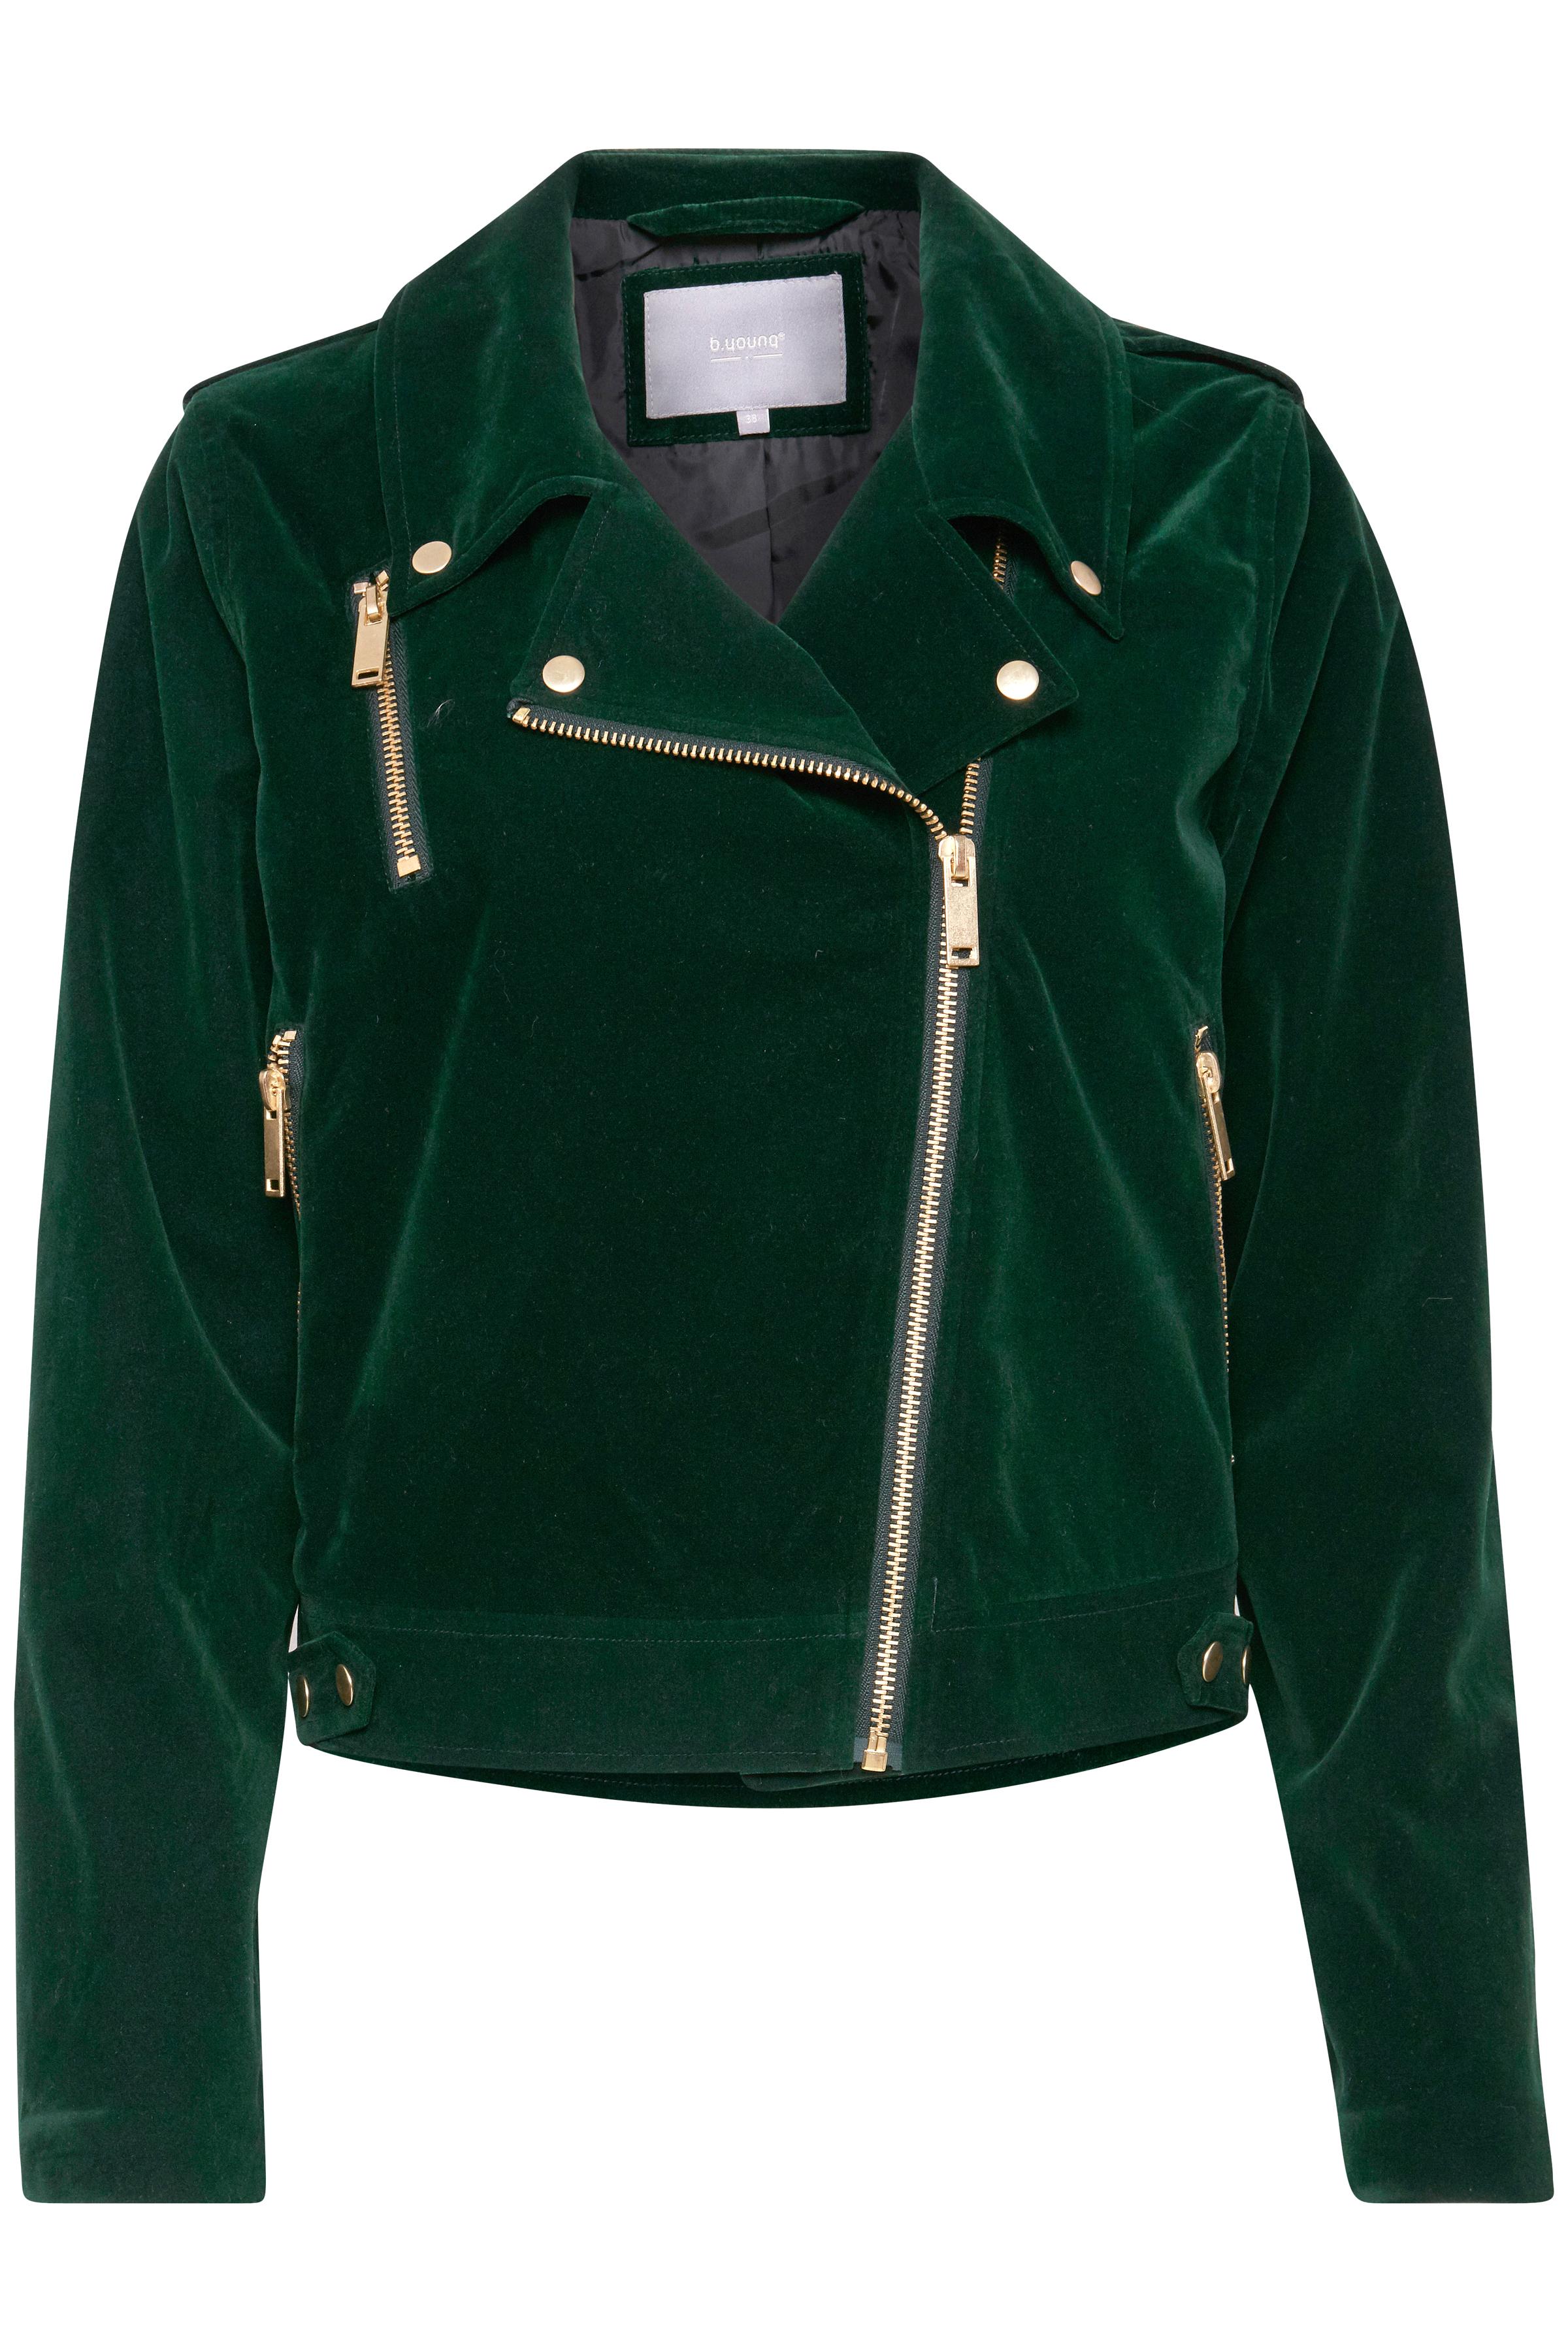 Majestic Green Jas van b.young – Koop Majestic Green Jas hier van size 36-46